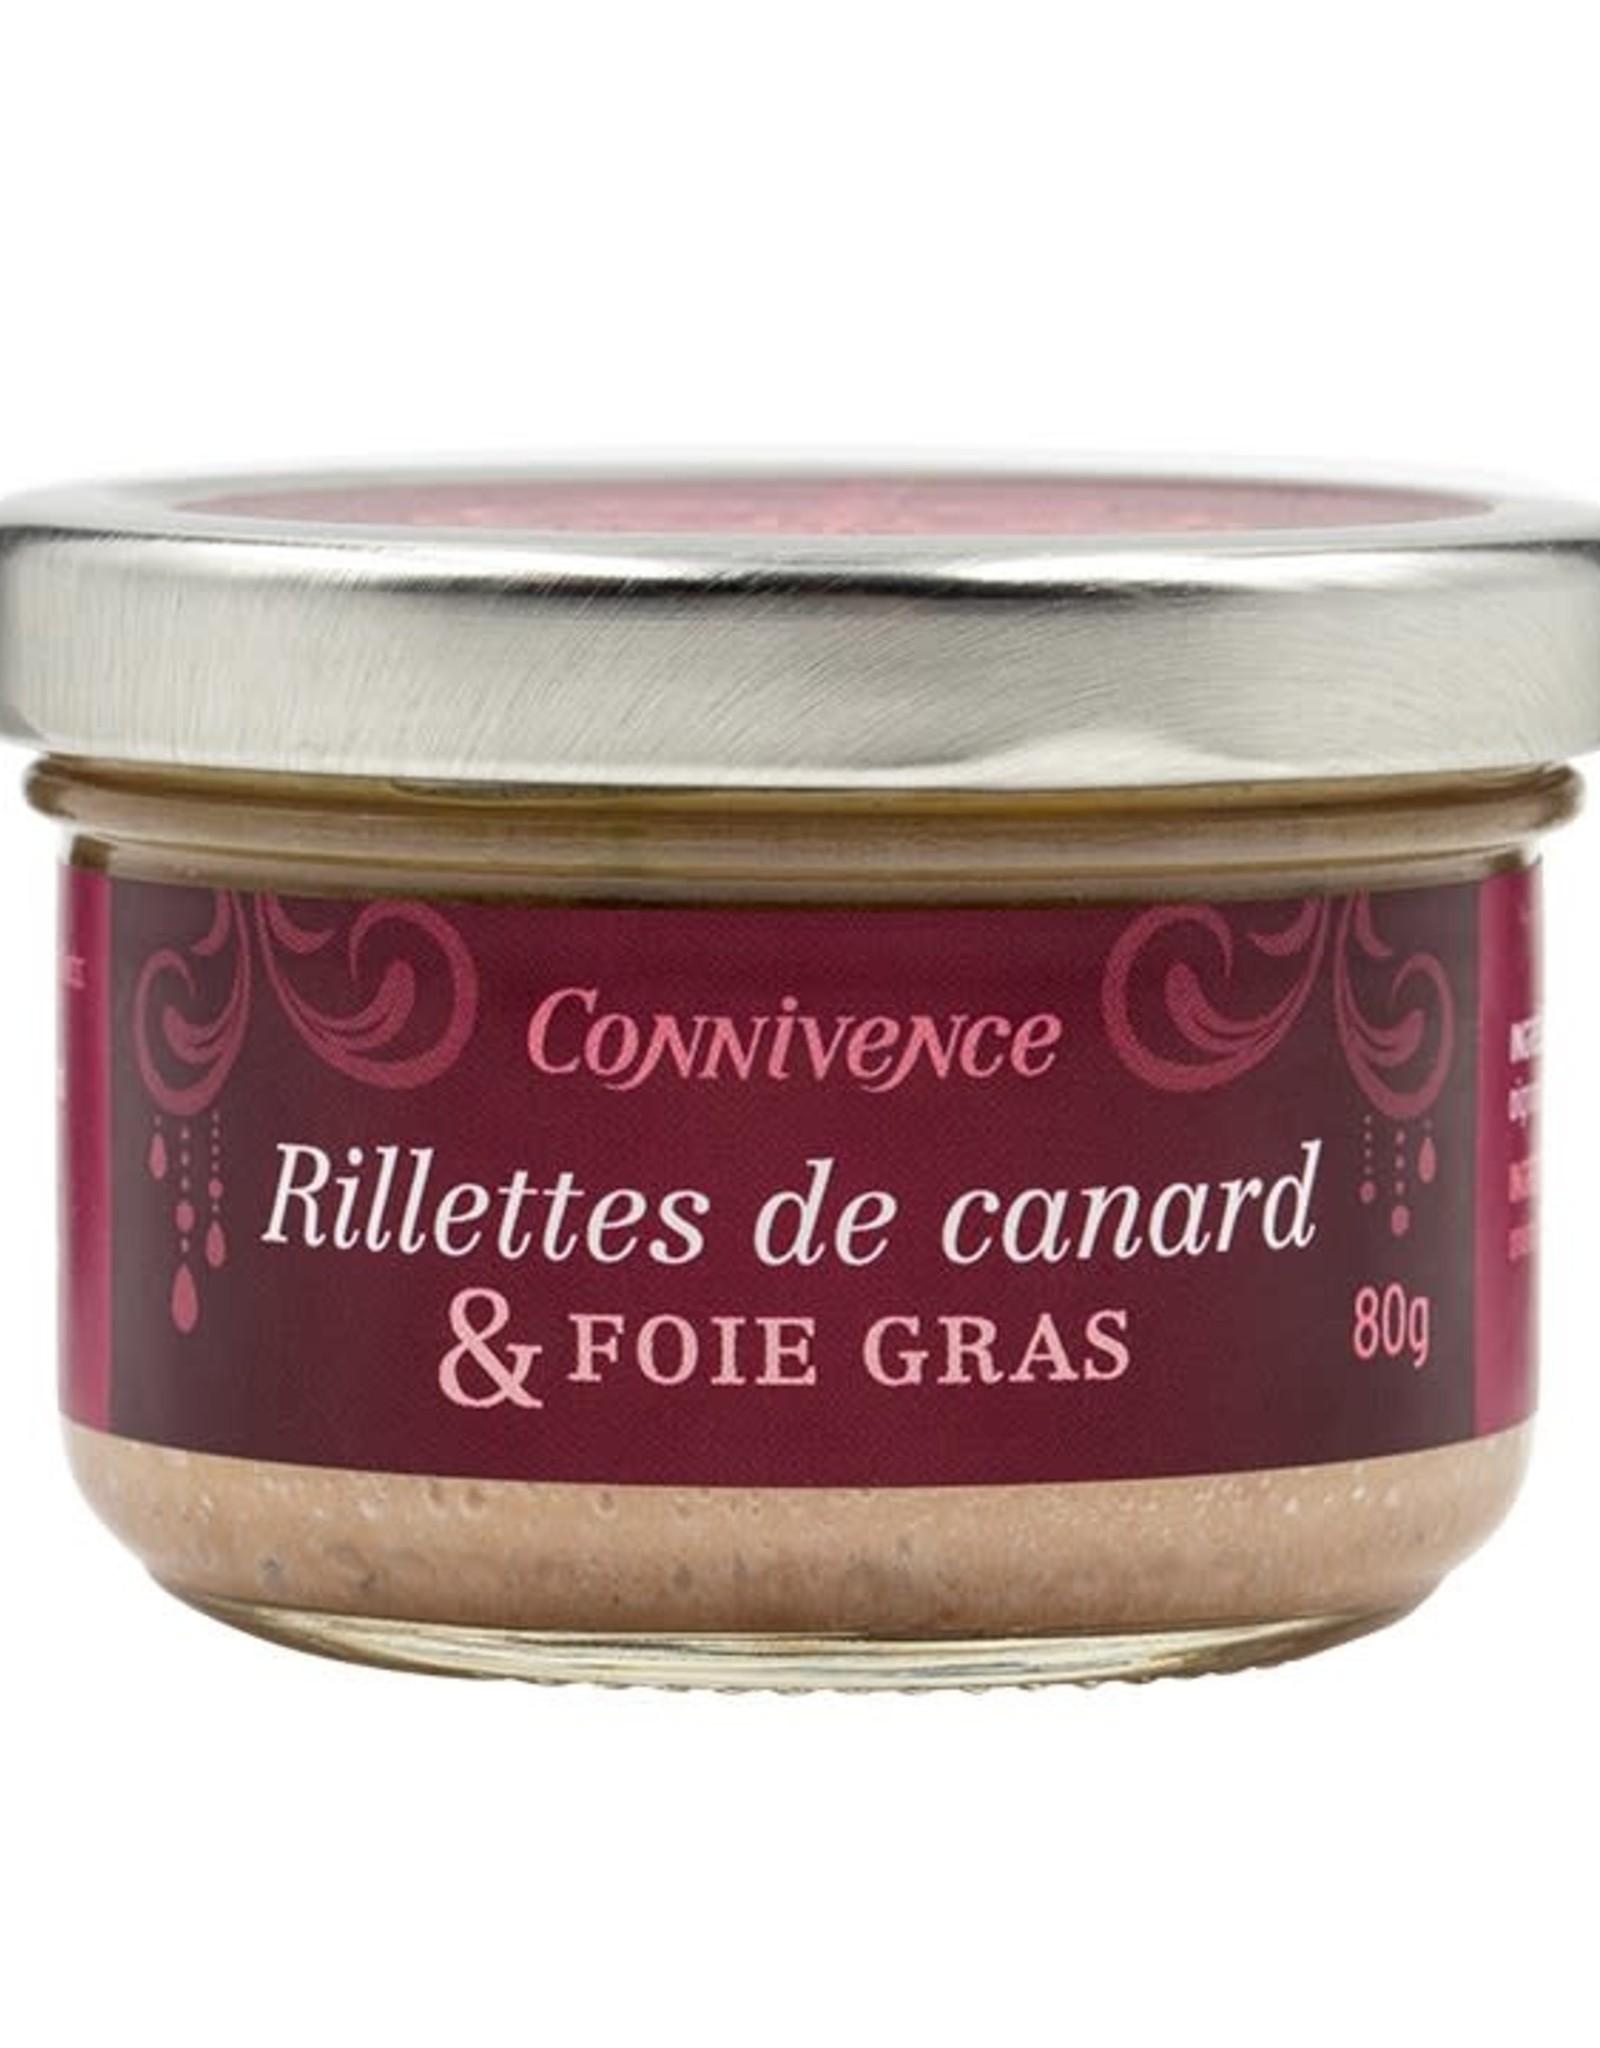 Rillettes de canard & Foie gras